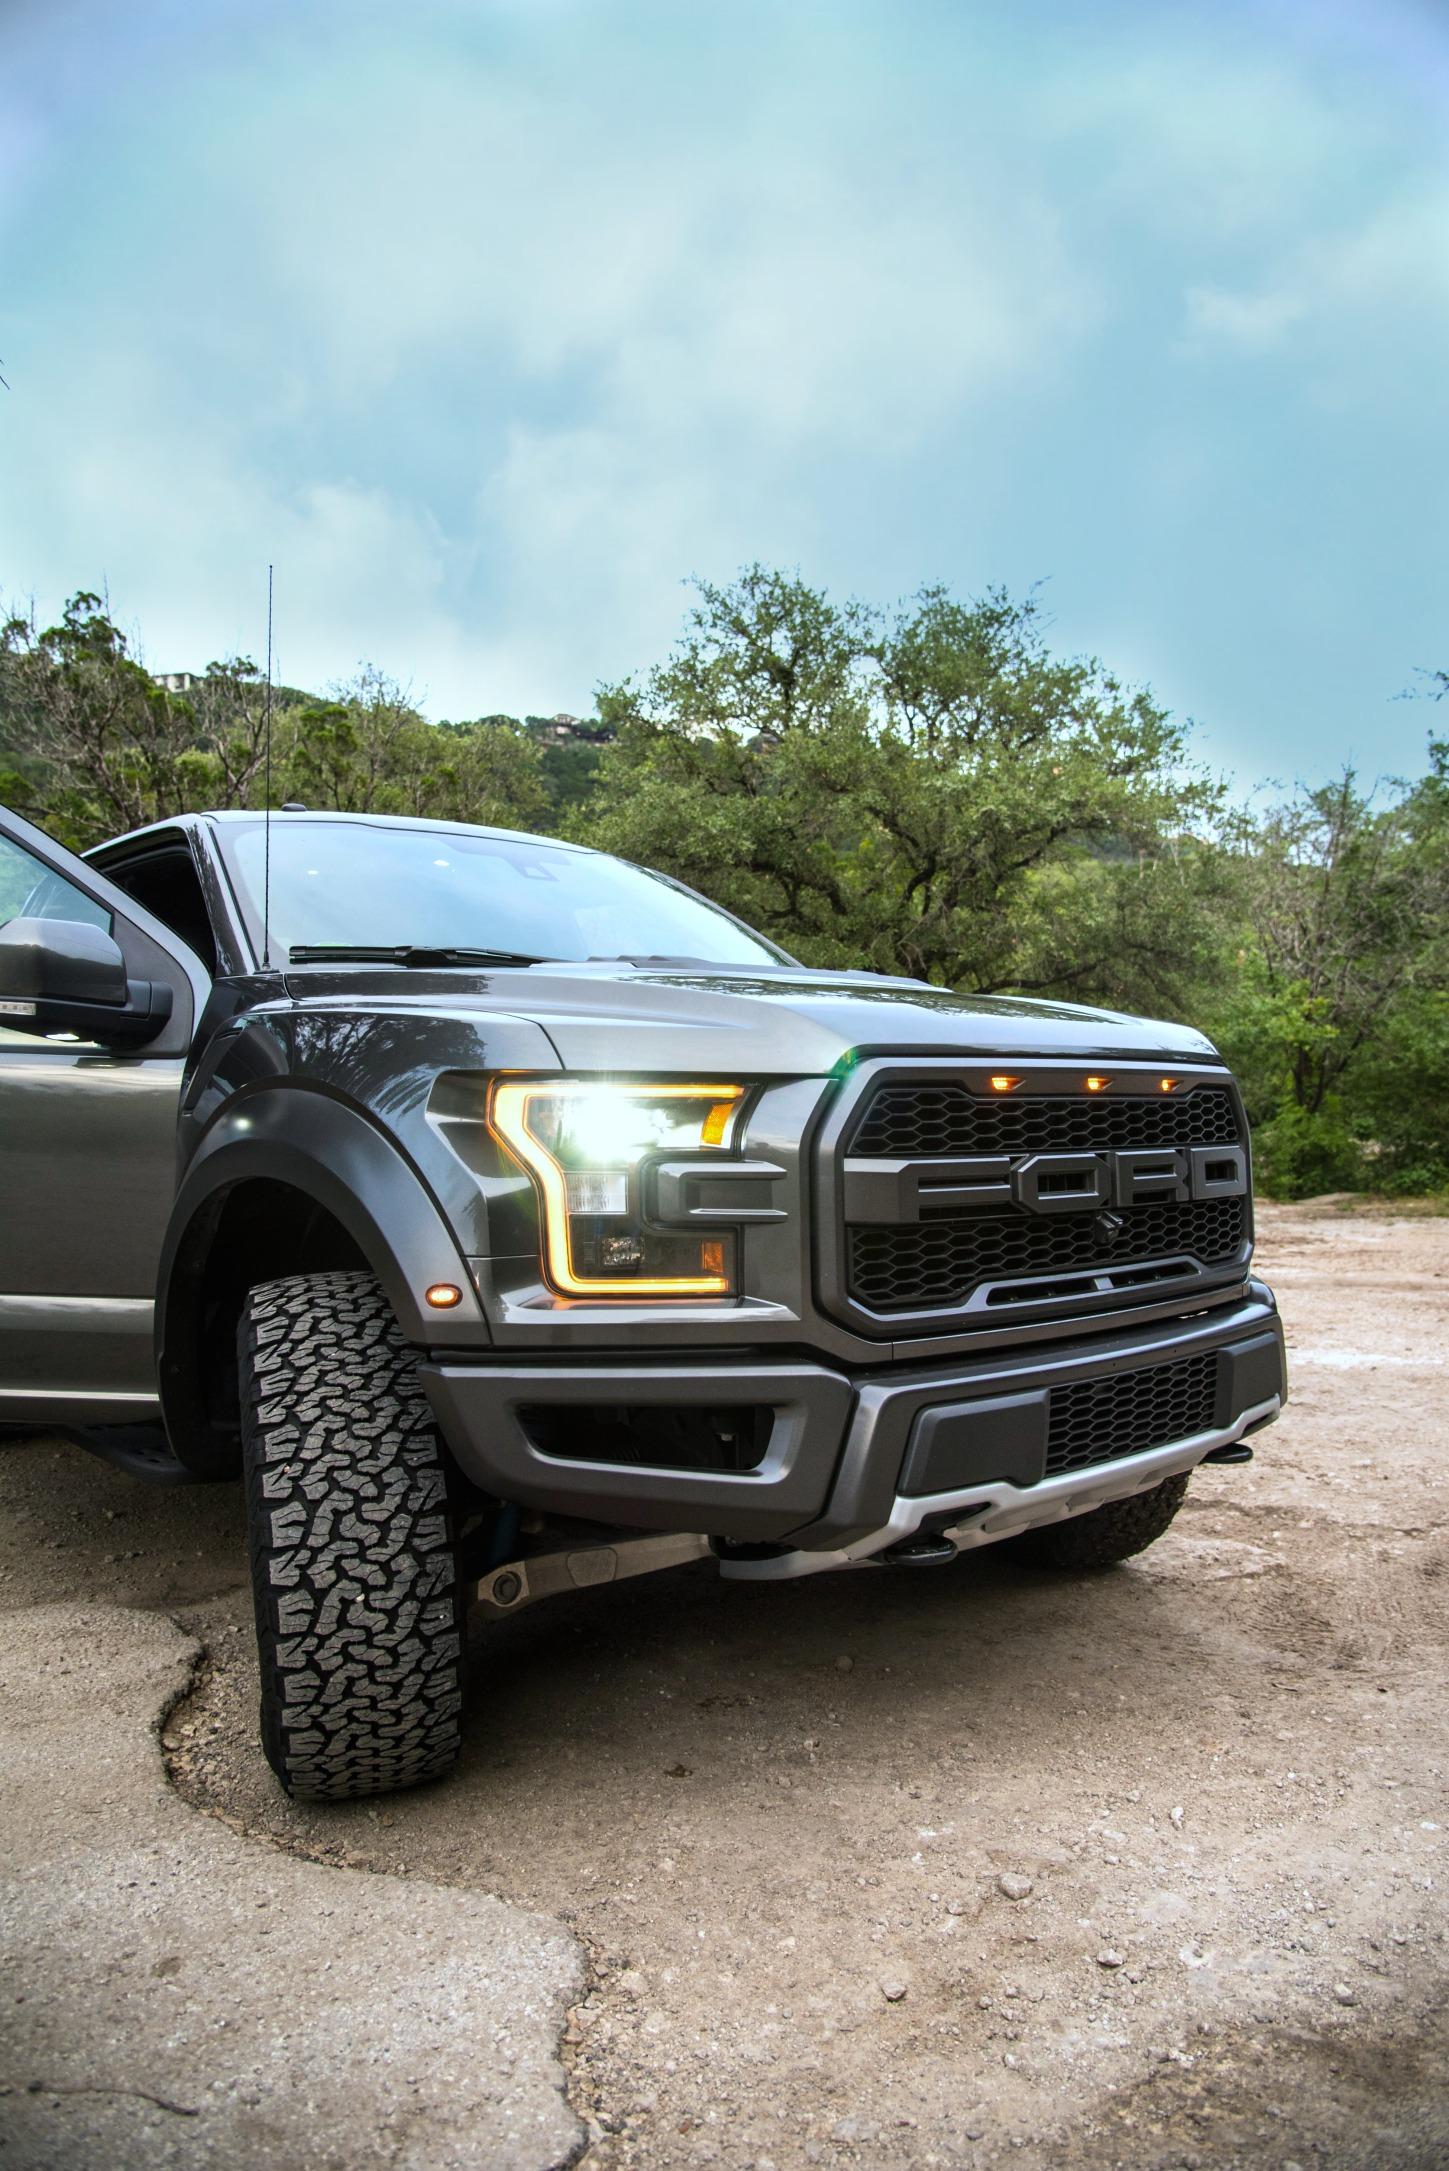 Ford Raptor - by WestonCarls-8473.jpg